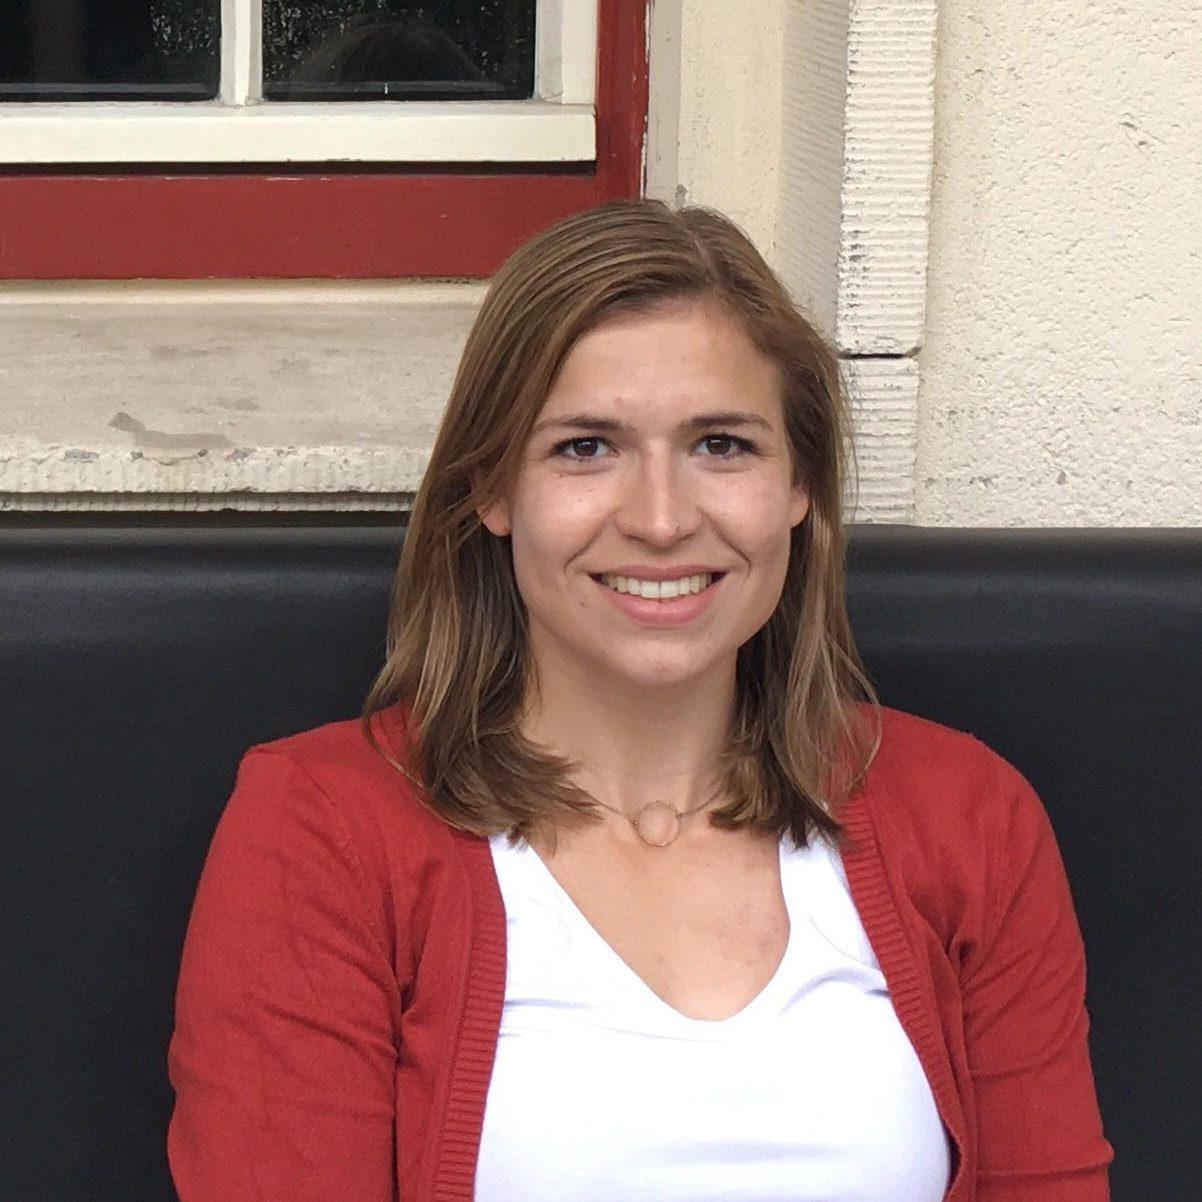 Anne-Sophie Thomsen